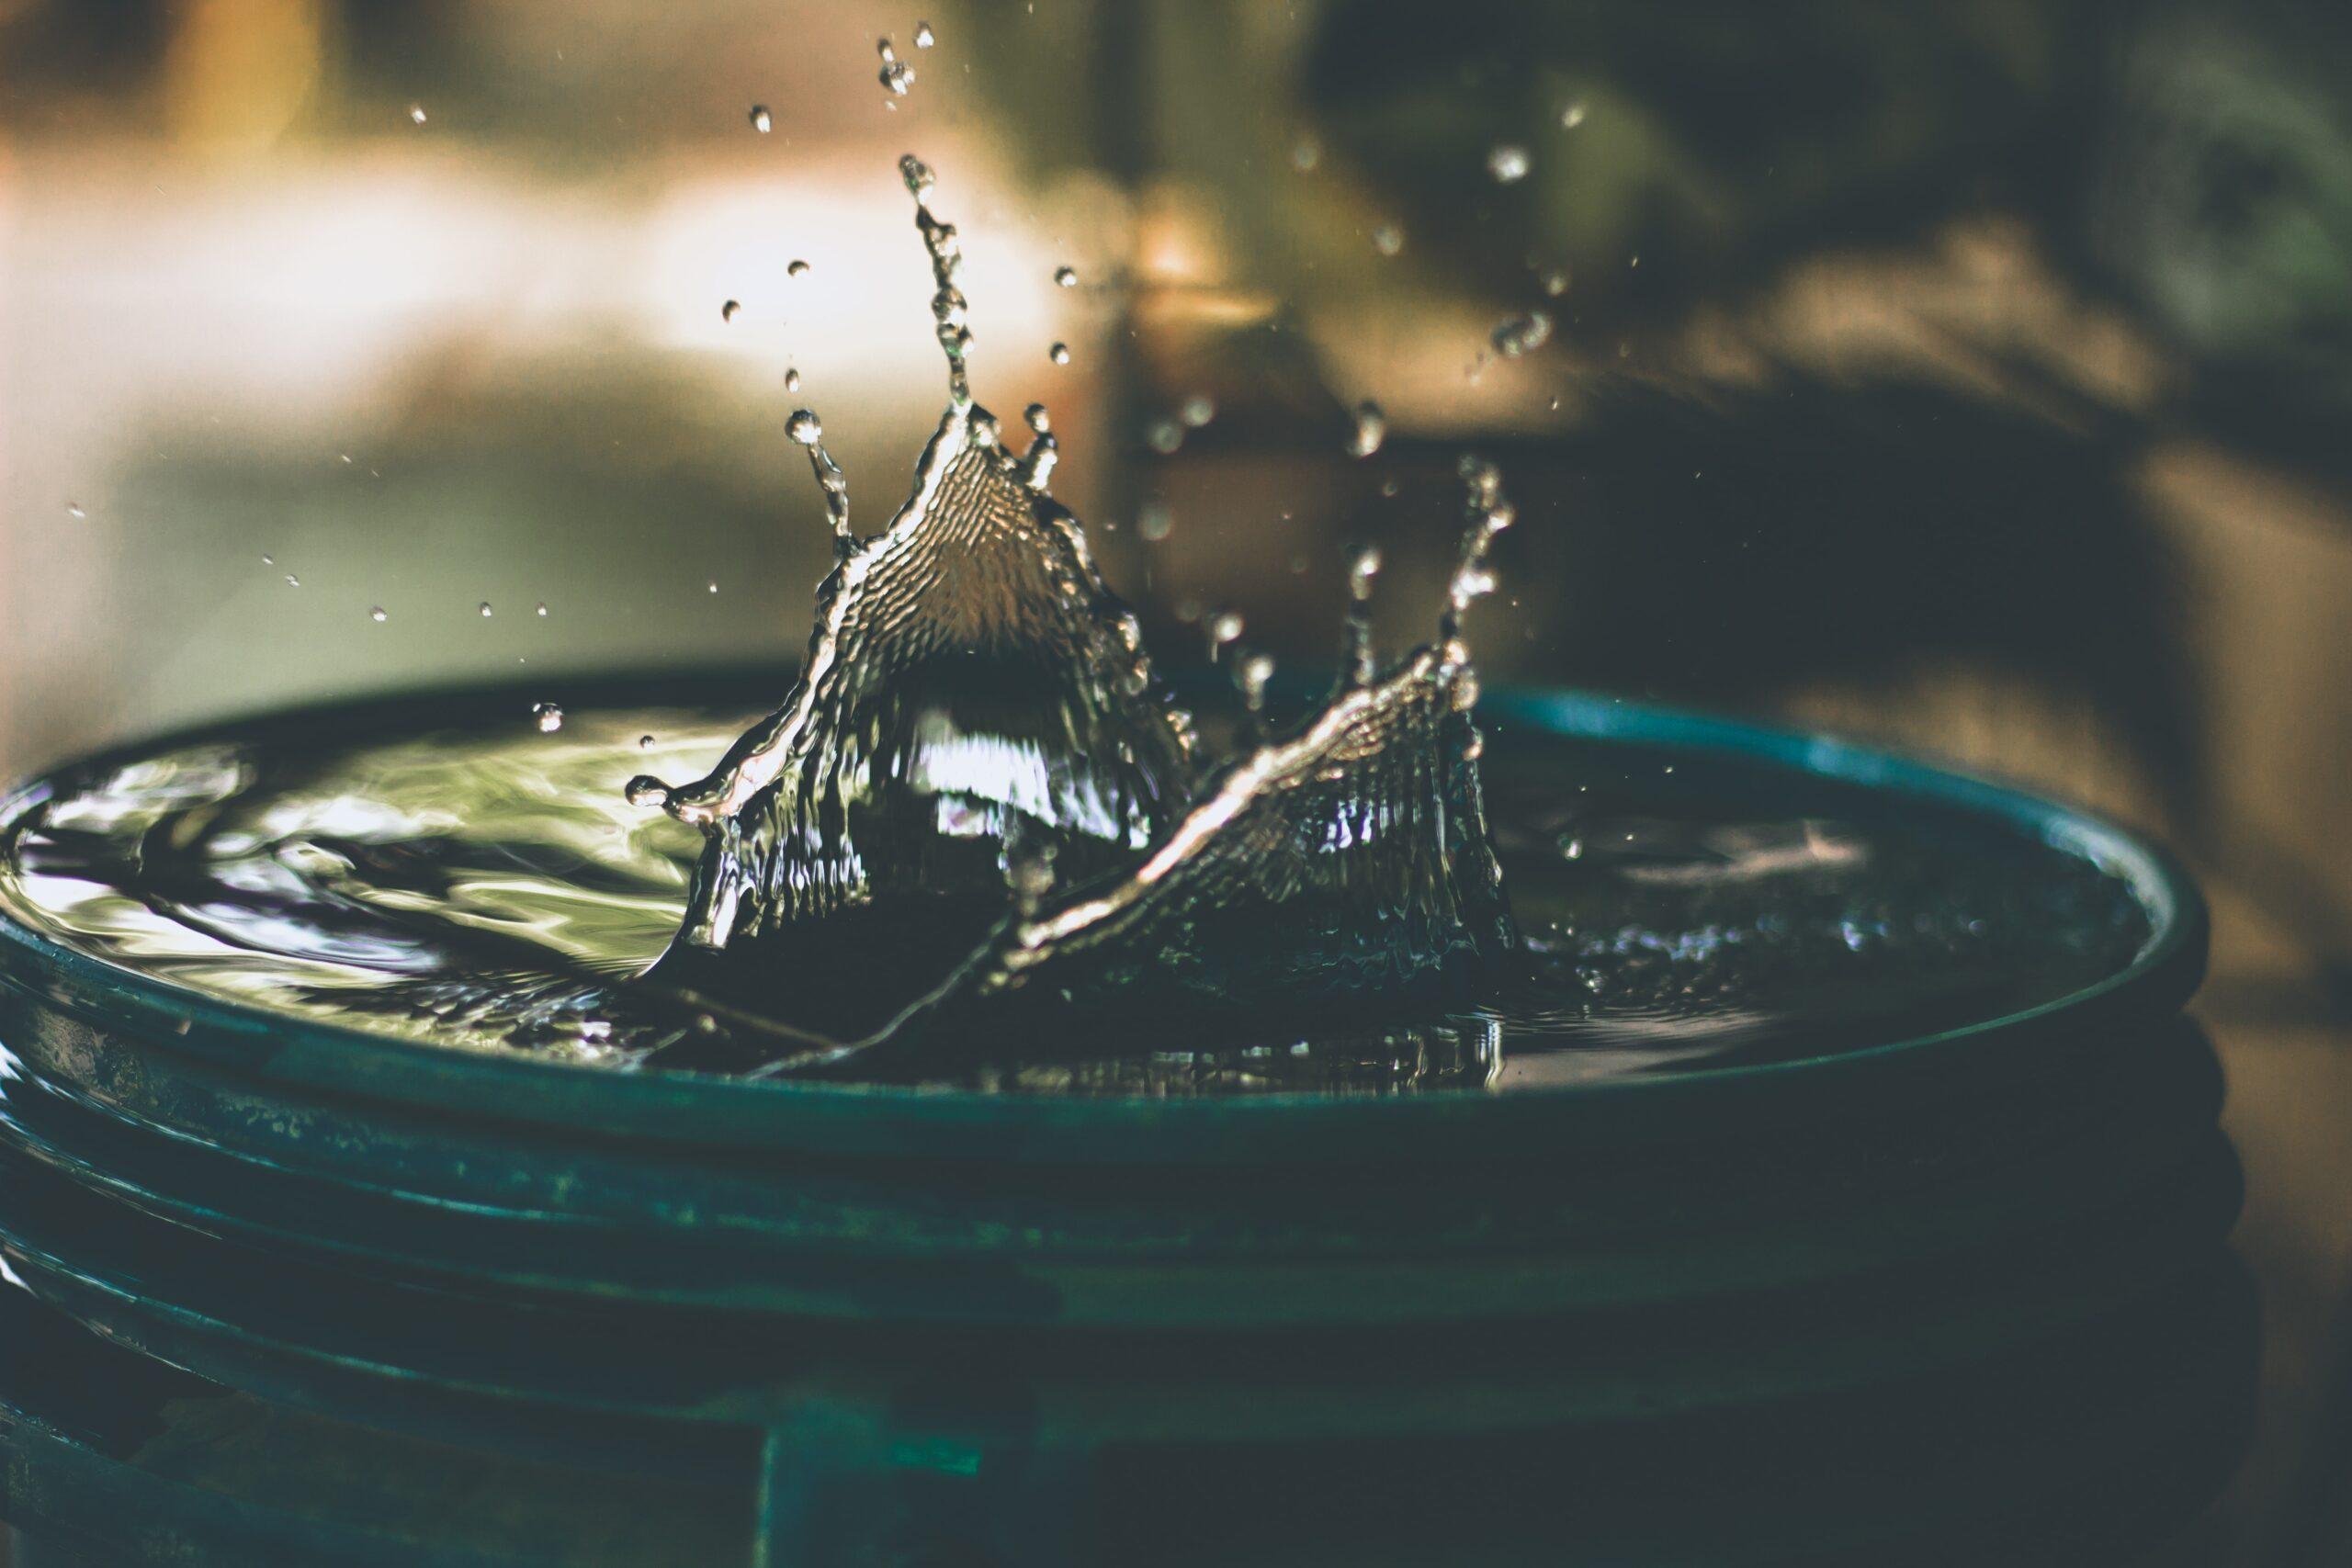 シンガポールの水問題解決のための日本の取り組み